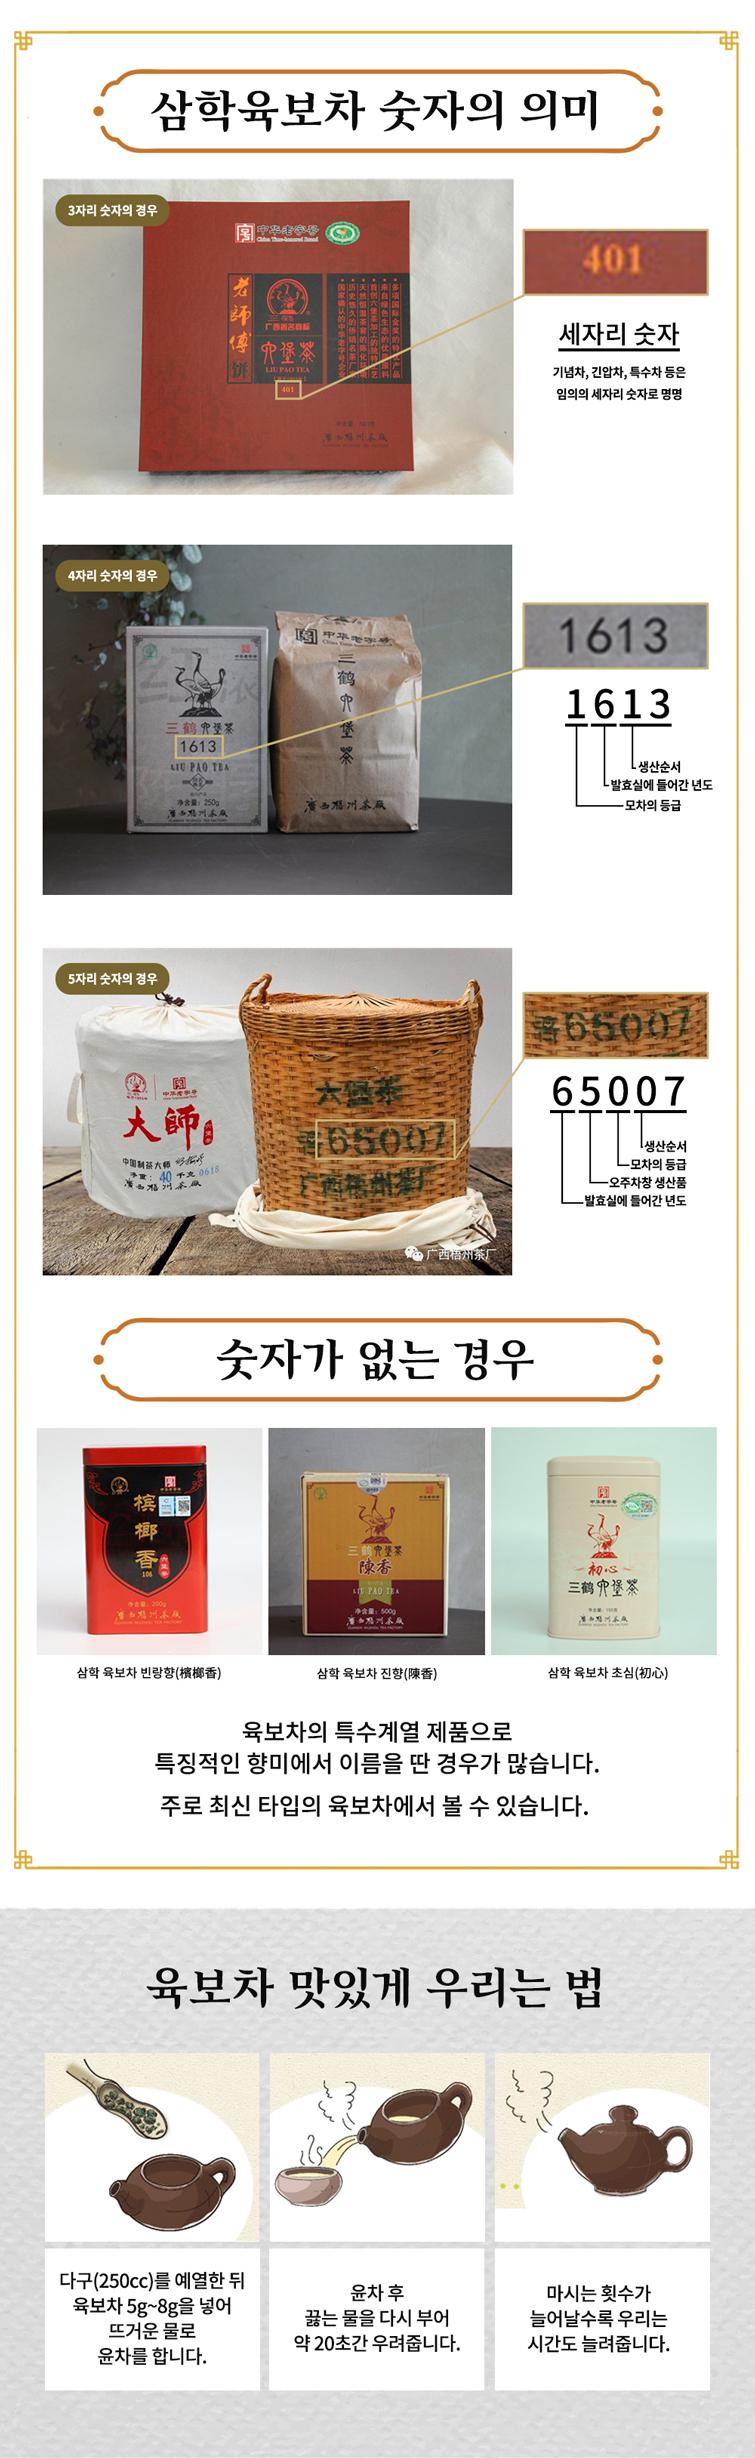 오주차창-삼학-브랜드소개02.jpg